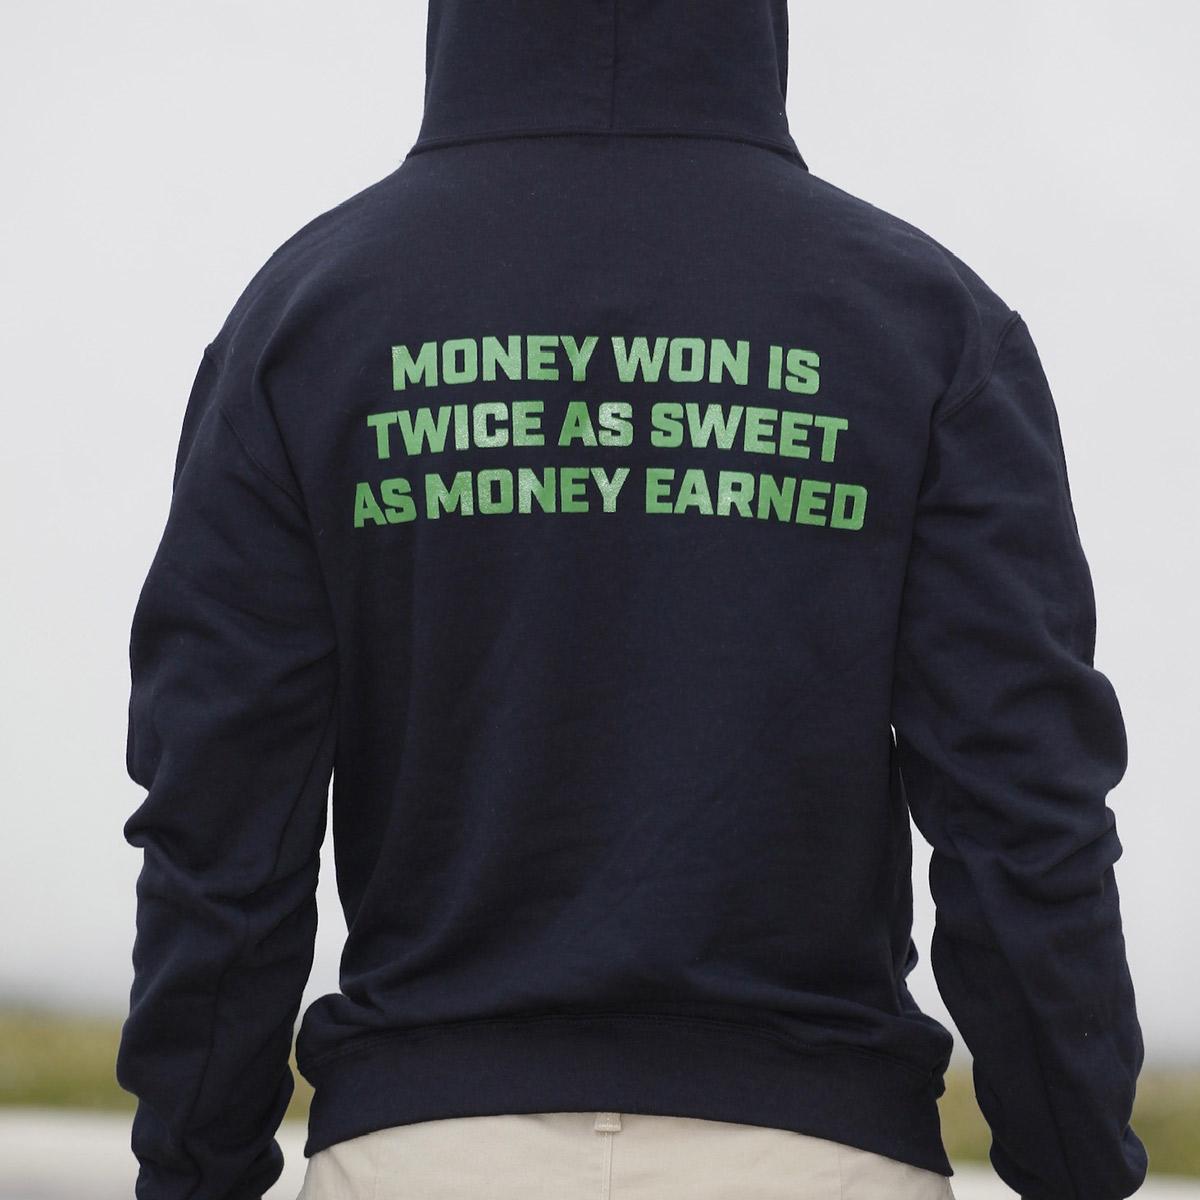 Money won is twice as sweet as money earned - black hooded sweatshirt - back